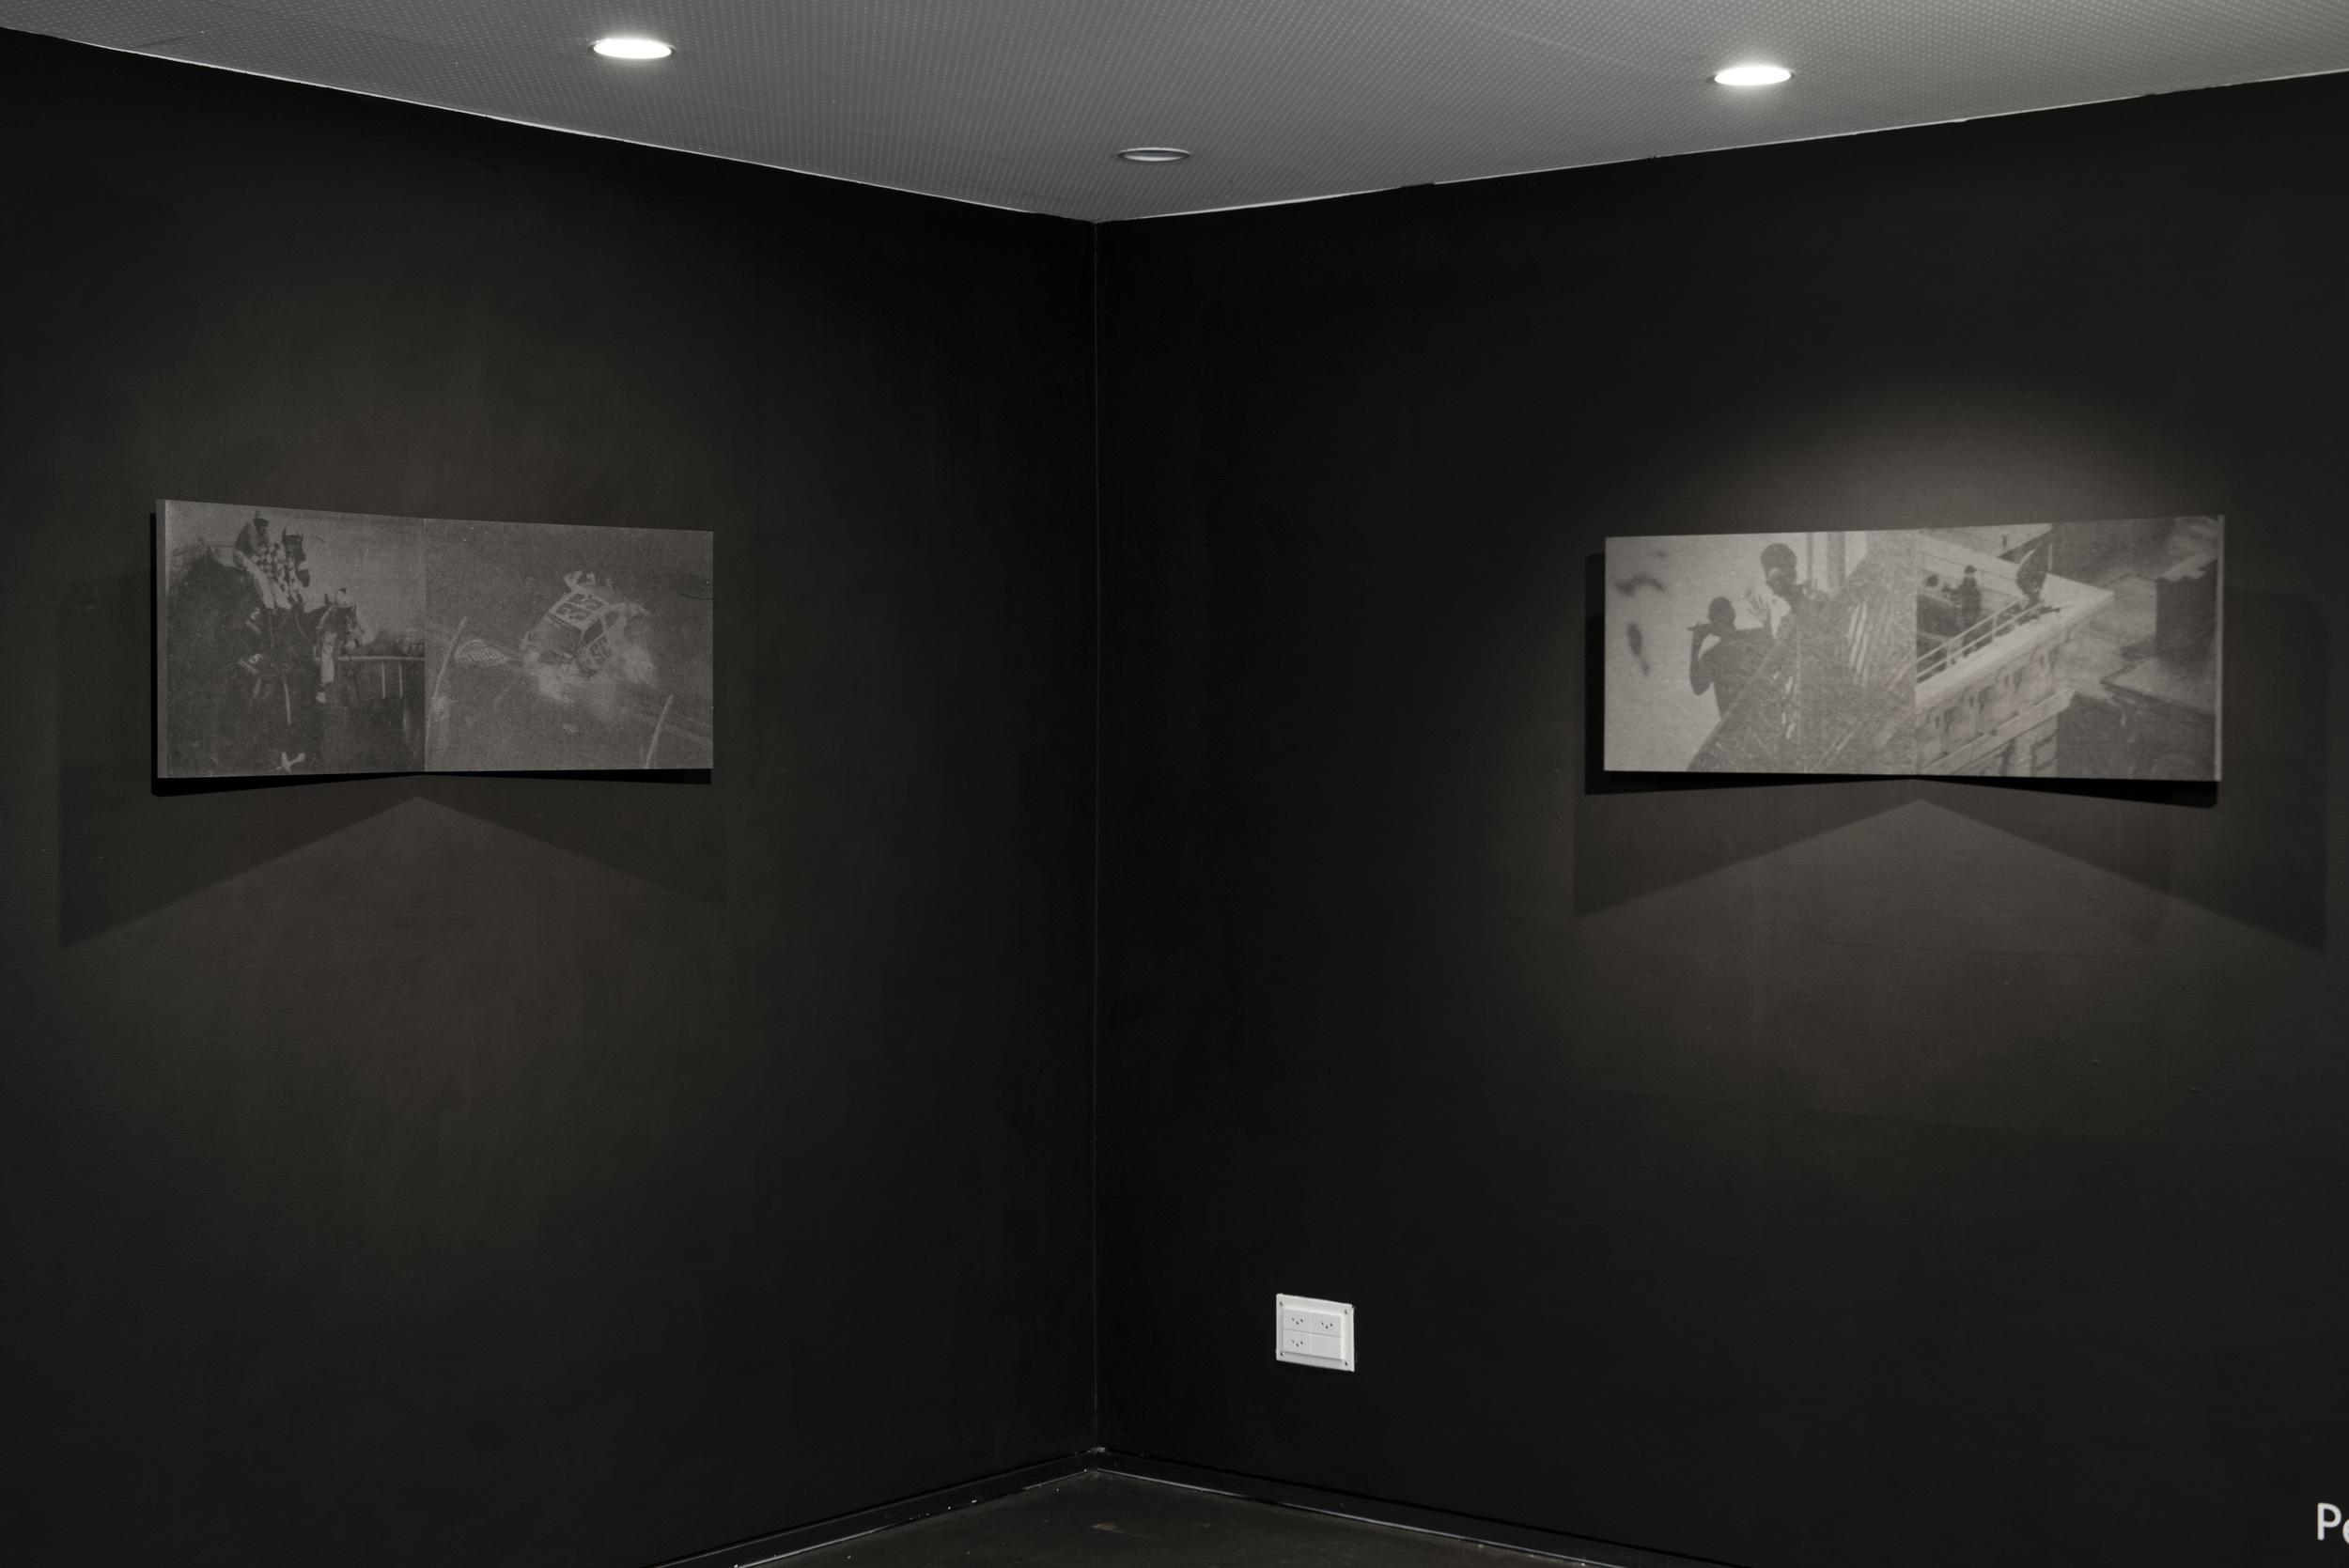 """Myriam Ziehli, """"Sans Titre"""", de la série """"Sins and Miracles, sérigraphie, 100 x 37 cm, 2013, Ed. 1/2 + 1 AP (1)"""